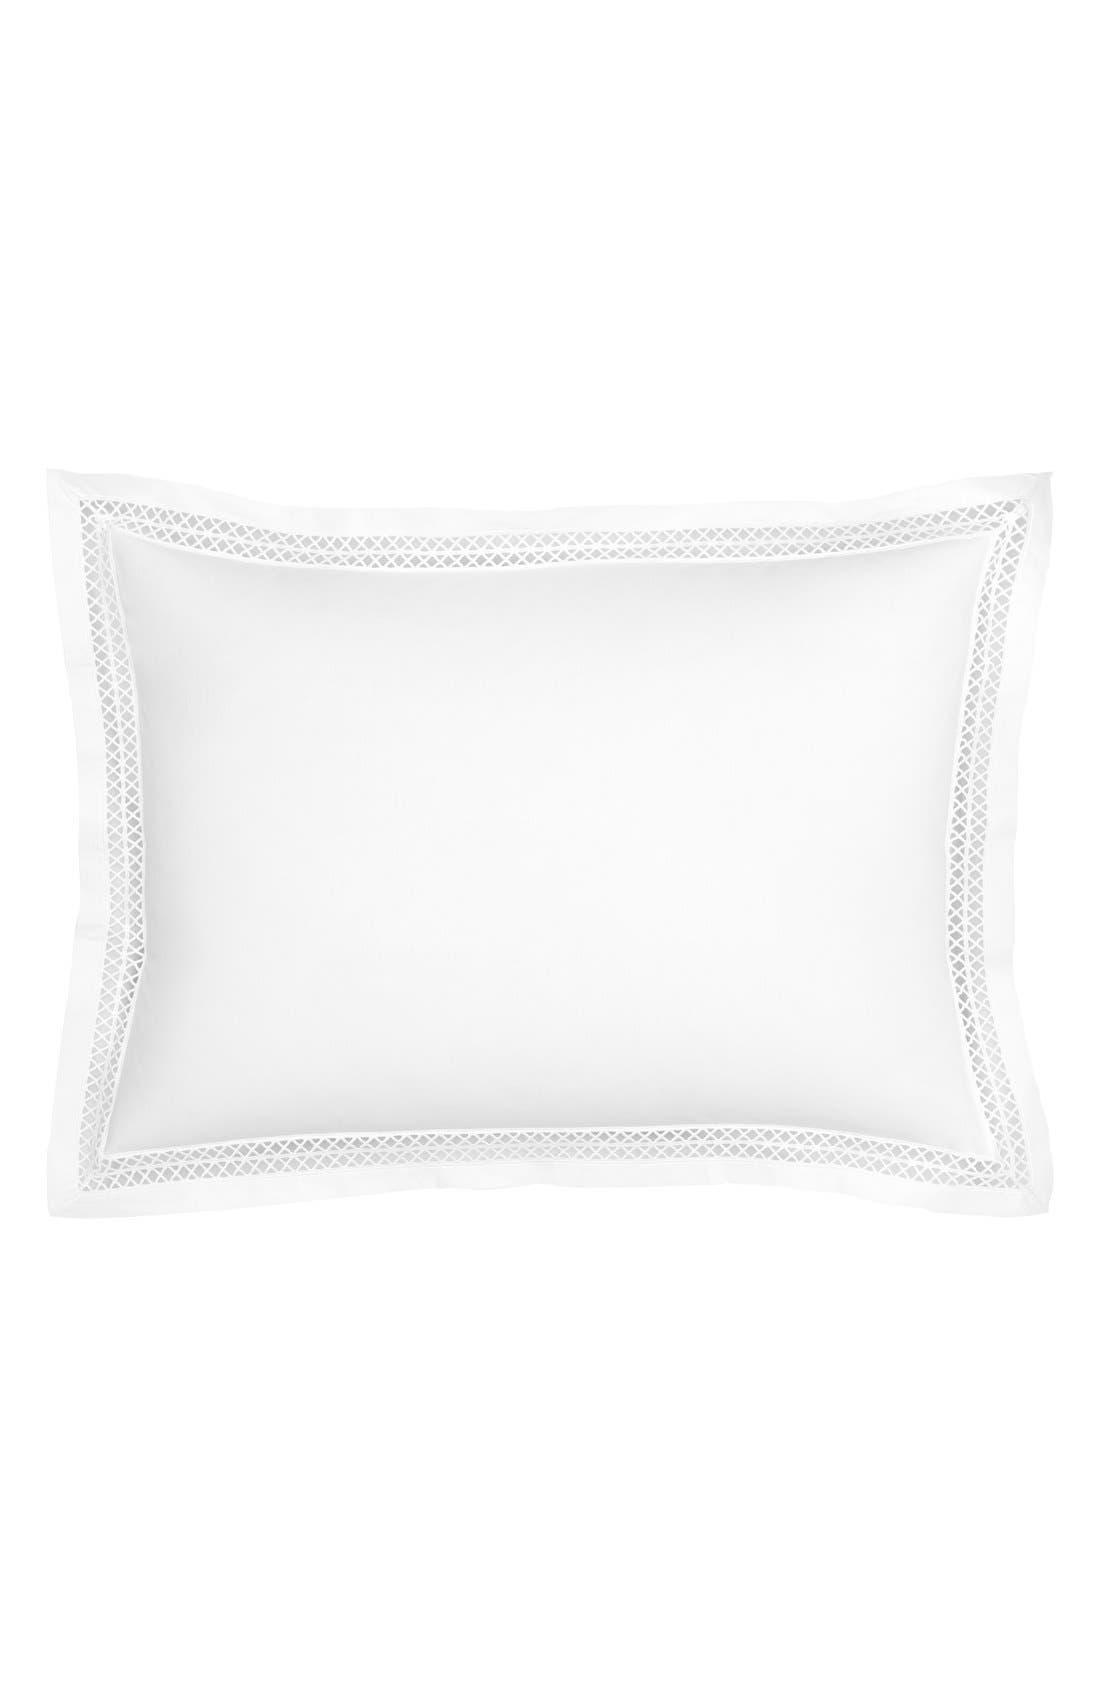 KASSATEX Emilia Accent Pillow